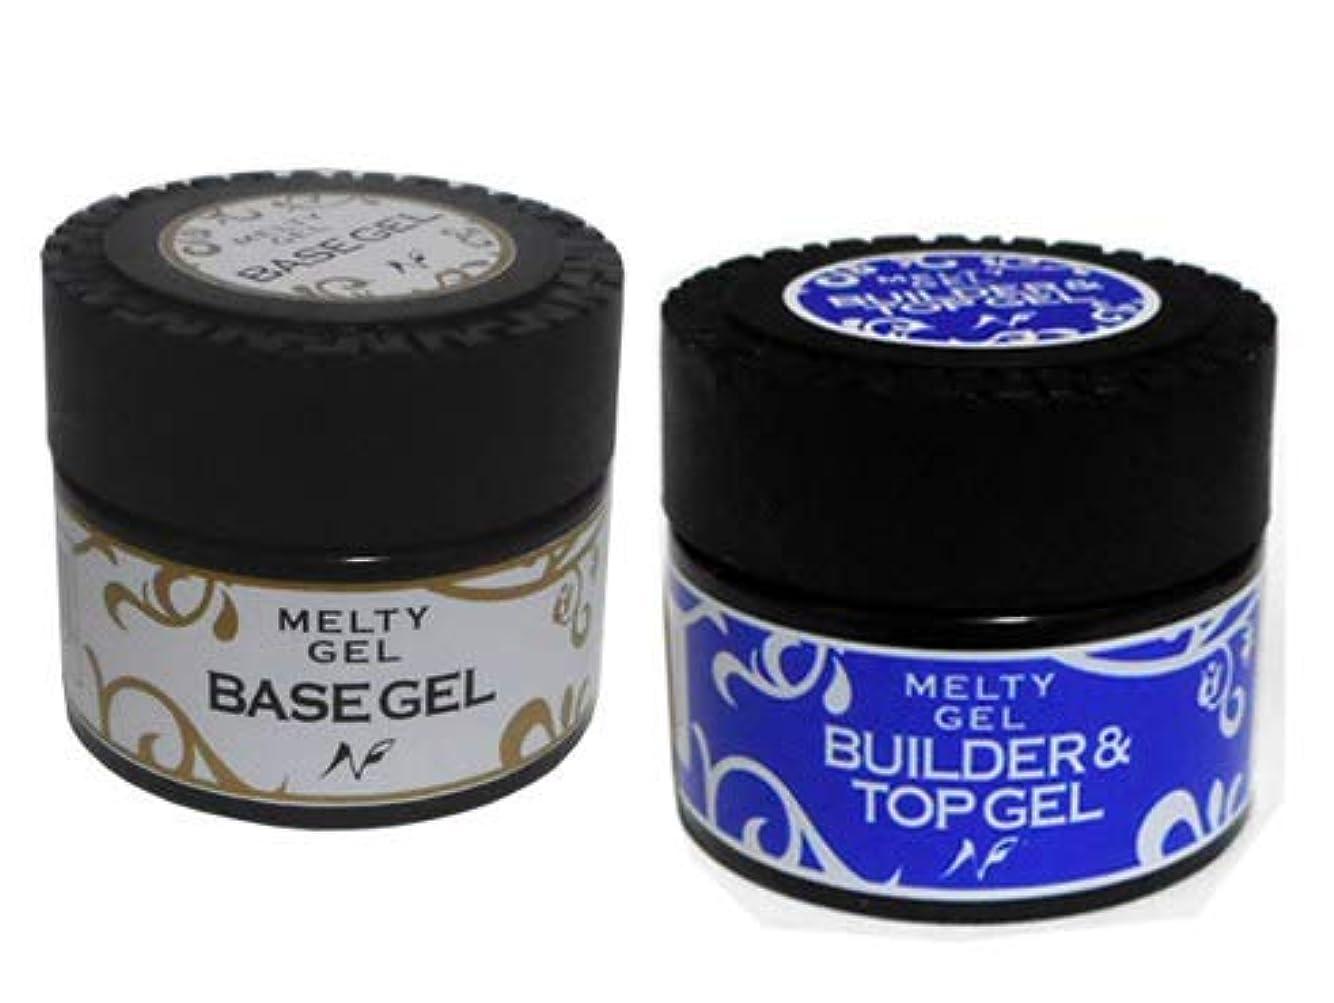 次へ四半期上記の頭と肩Melty Gel ベースジェル 14g UV/LED対応 + ビルダー&トップジェル UV/LED対応 セット